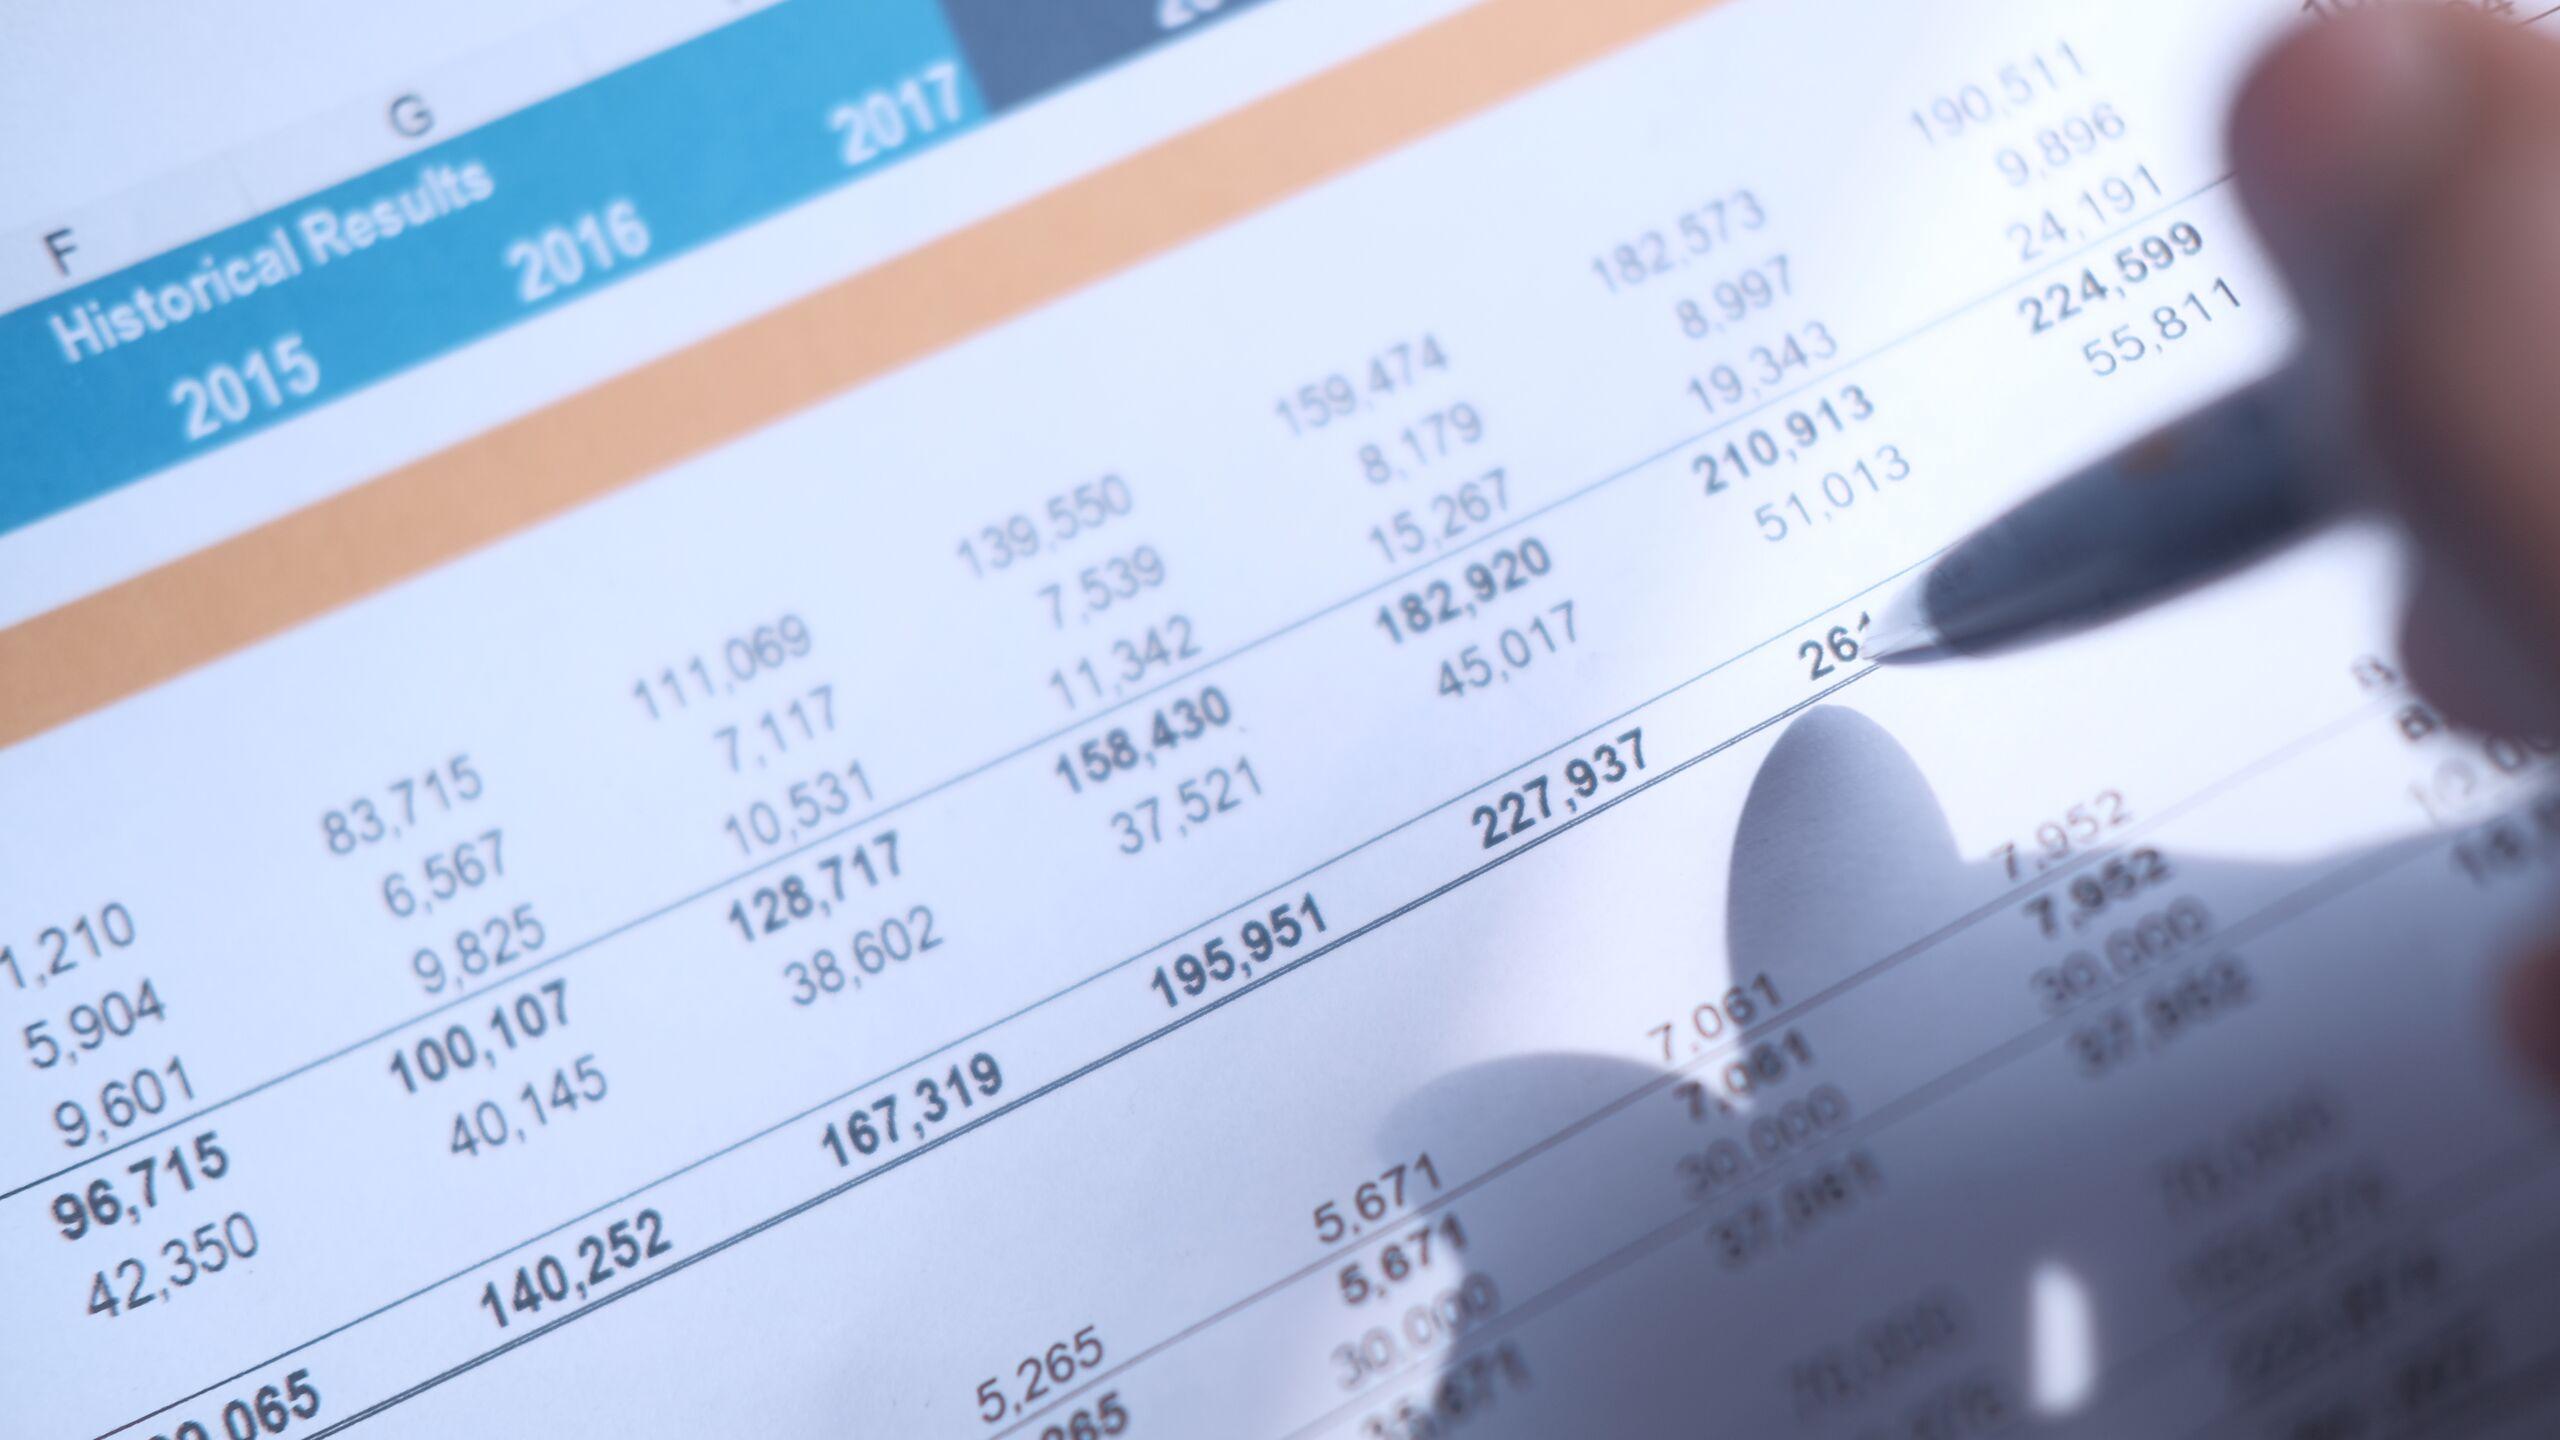 AXA Luxemourg : assurer la stabilité financière de votre entreprise en cas de sinistre